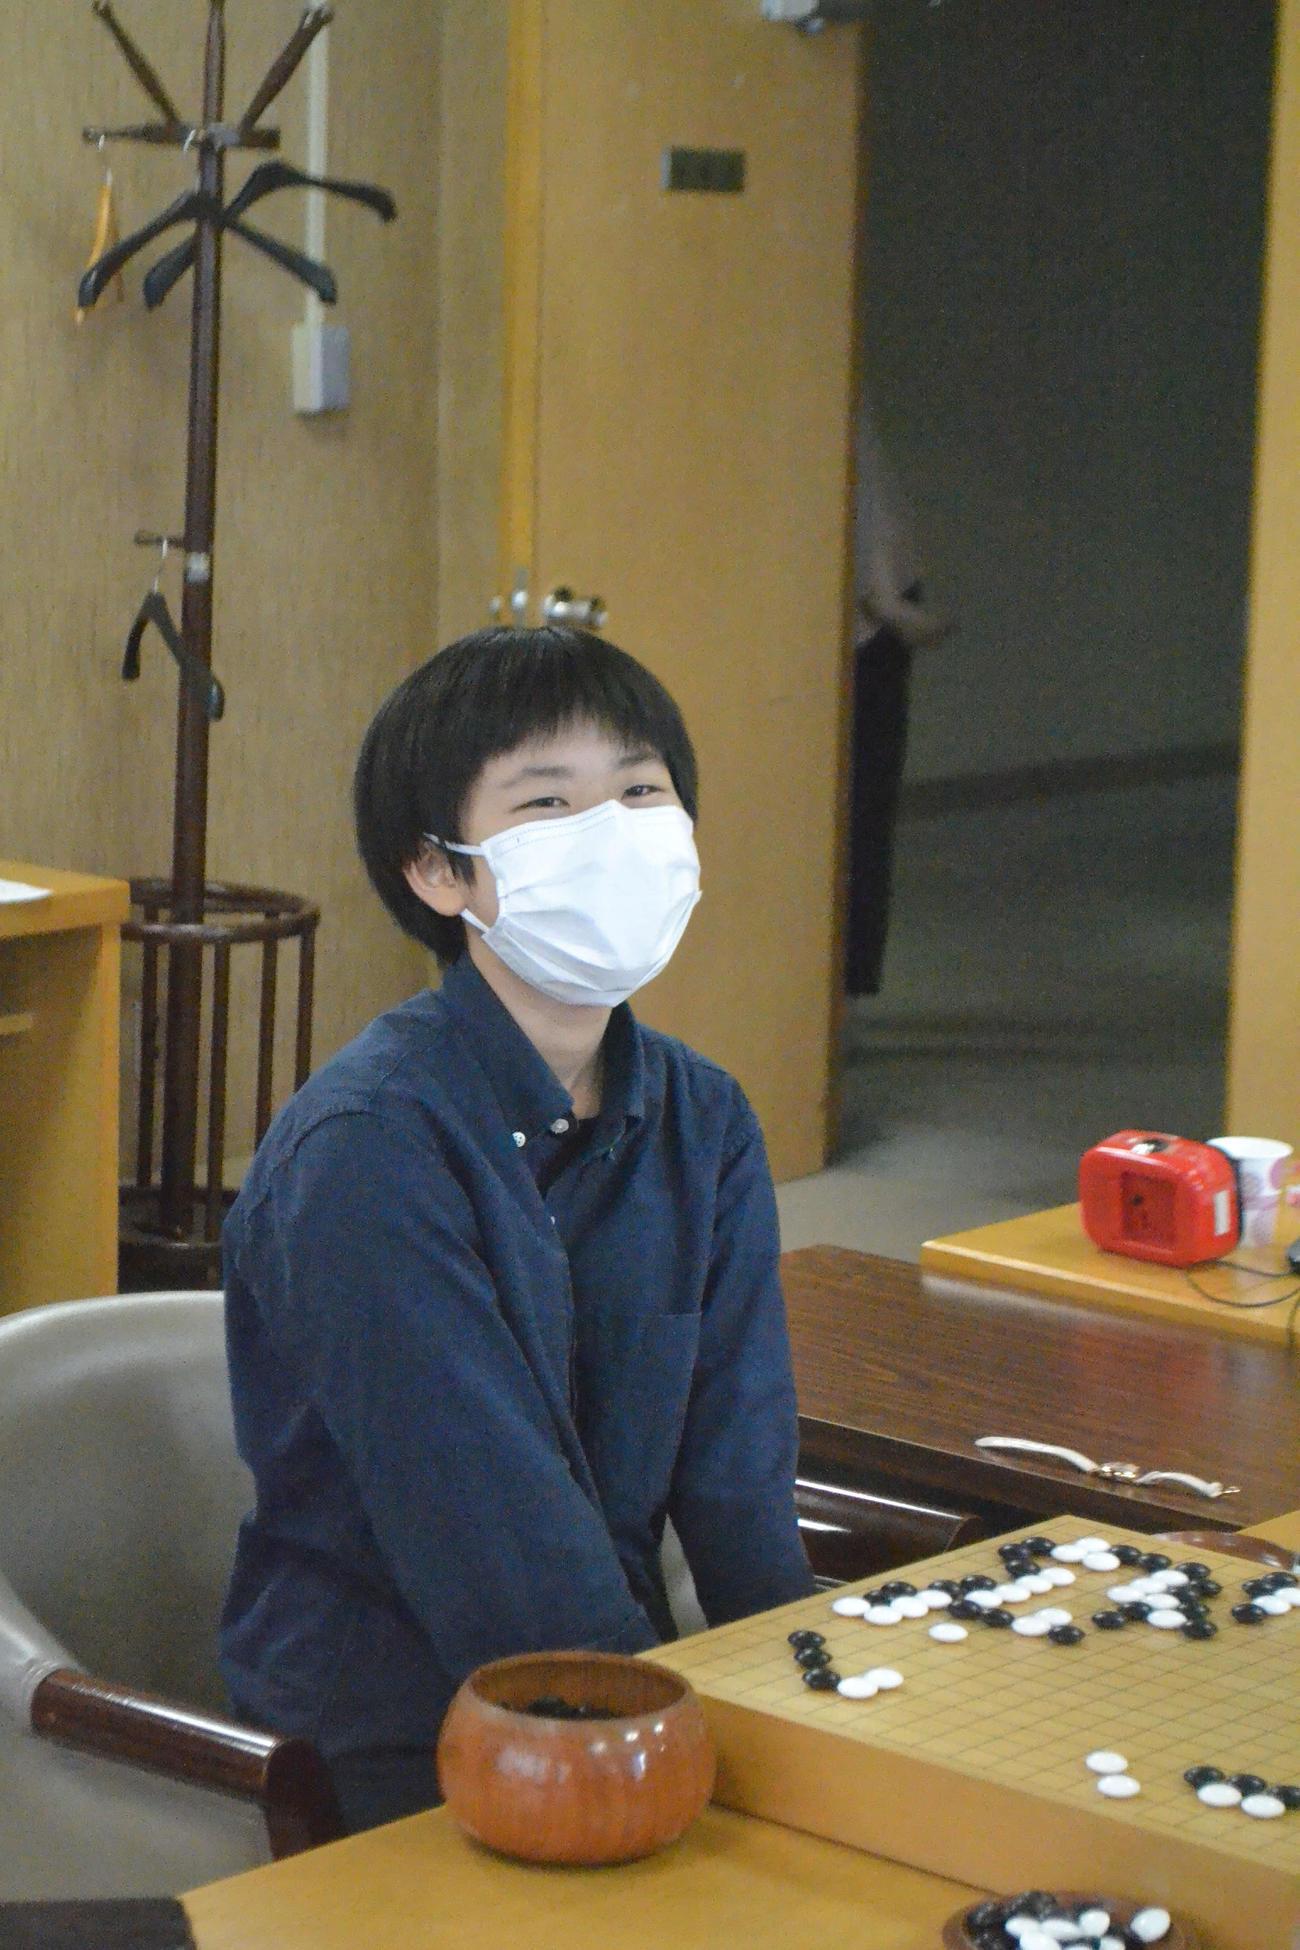 竜星戦予選で関航太郎三段に敗れてほろ苦いデビューとなった張心澄初段